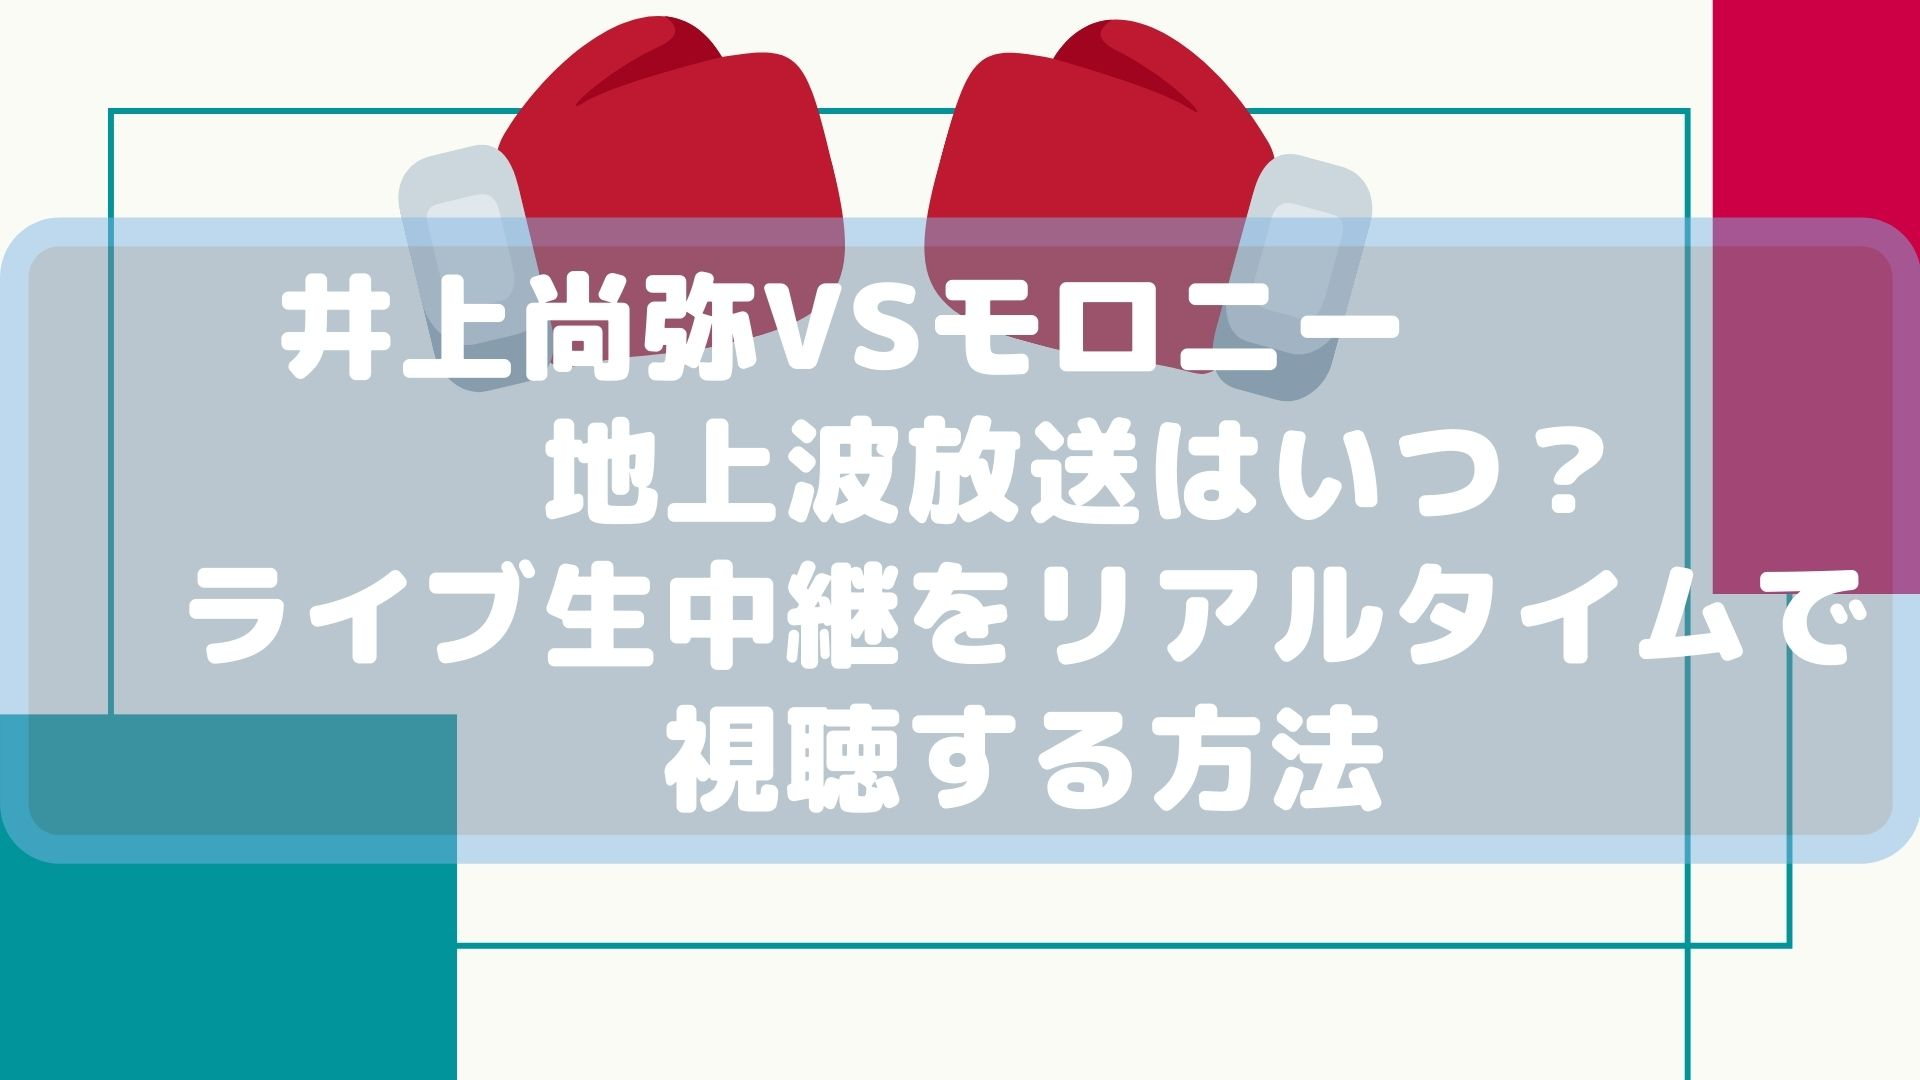 井上尚弥VSモロニーの地上波放送はいつ?ライブ生中継をリアルタイムで視聴する方法タイトル画像